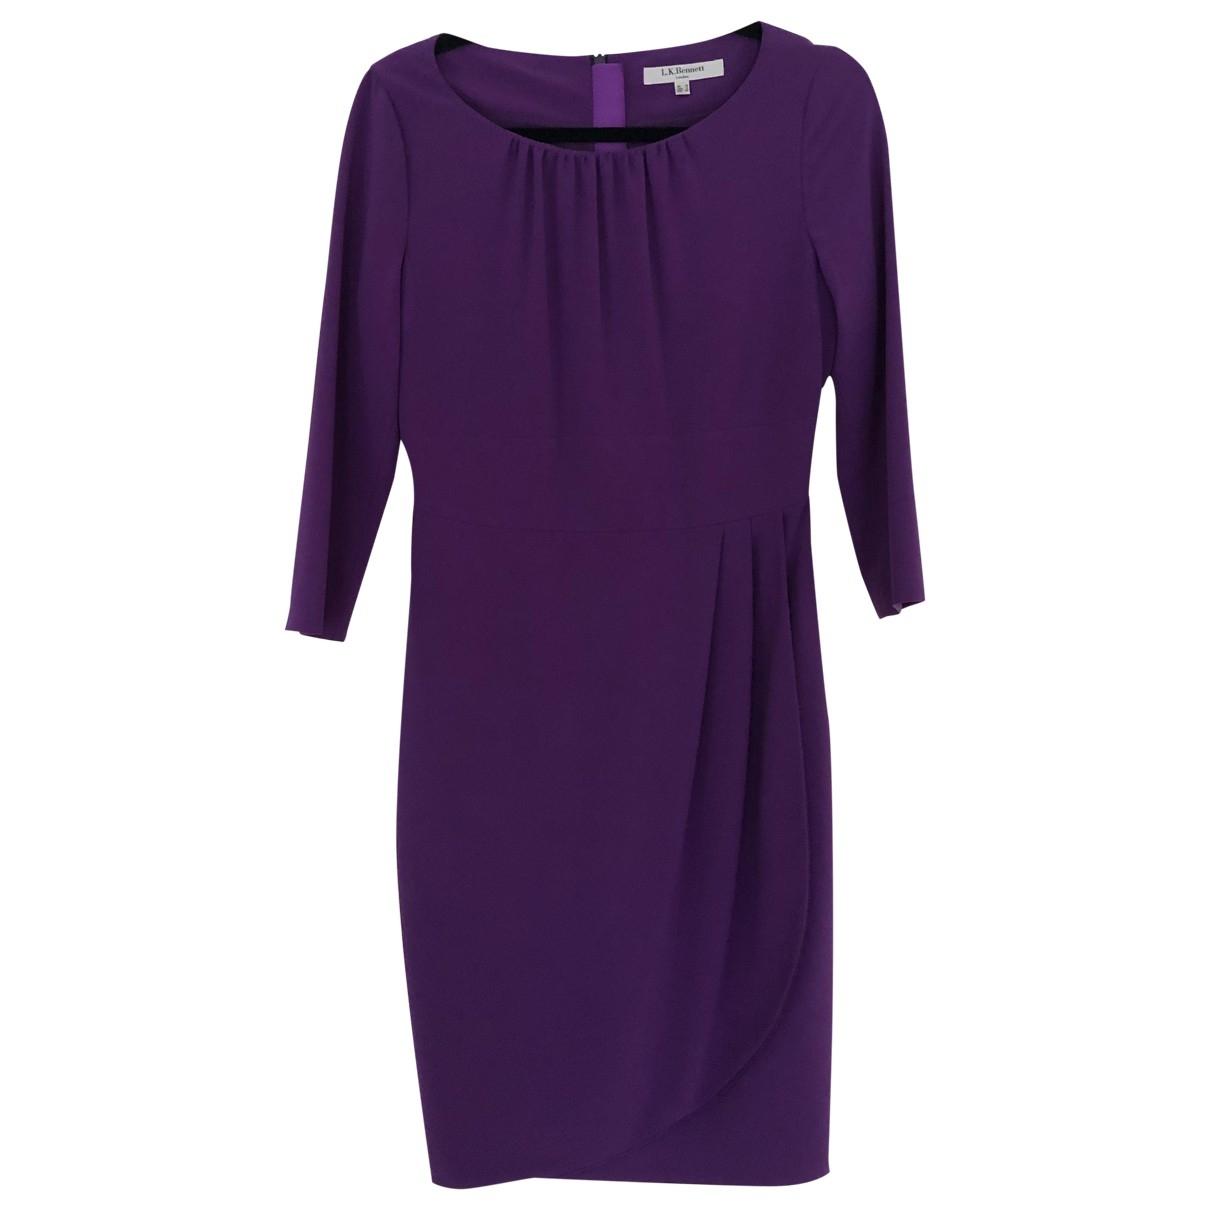 Lk Bennett \N Kleid in  Lila Polyester